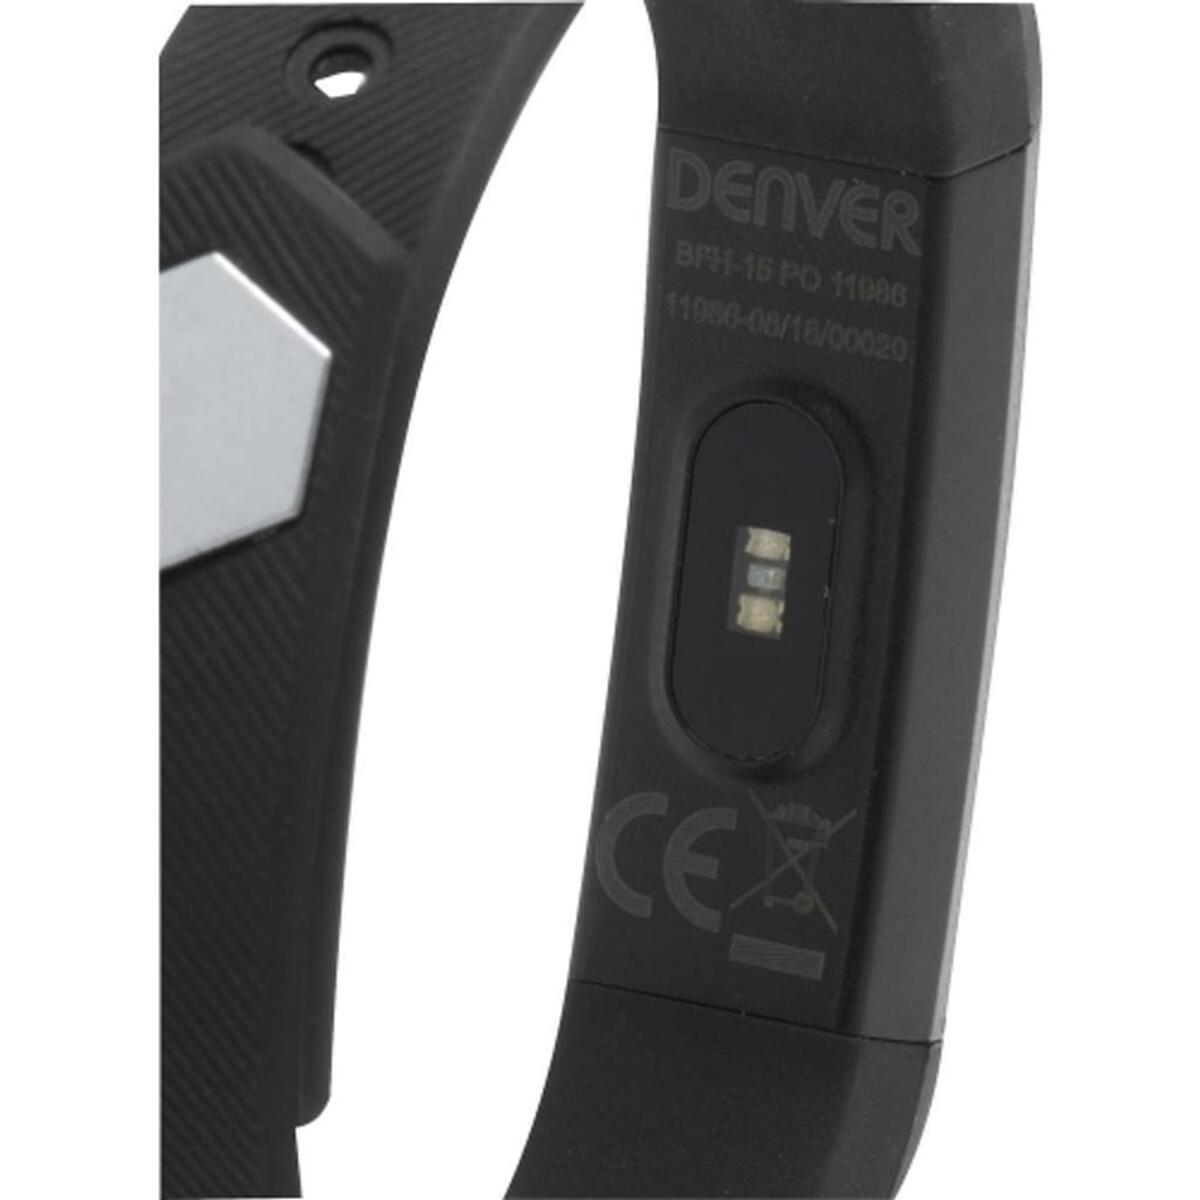 Bild 1 von DENVER Electronics BFH-15 - Aktivitäts-Trackerarmband - Schwarz - Schwarz - Knöpfe - IP65 - OLED